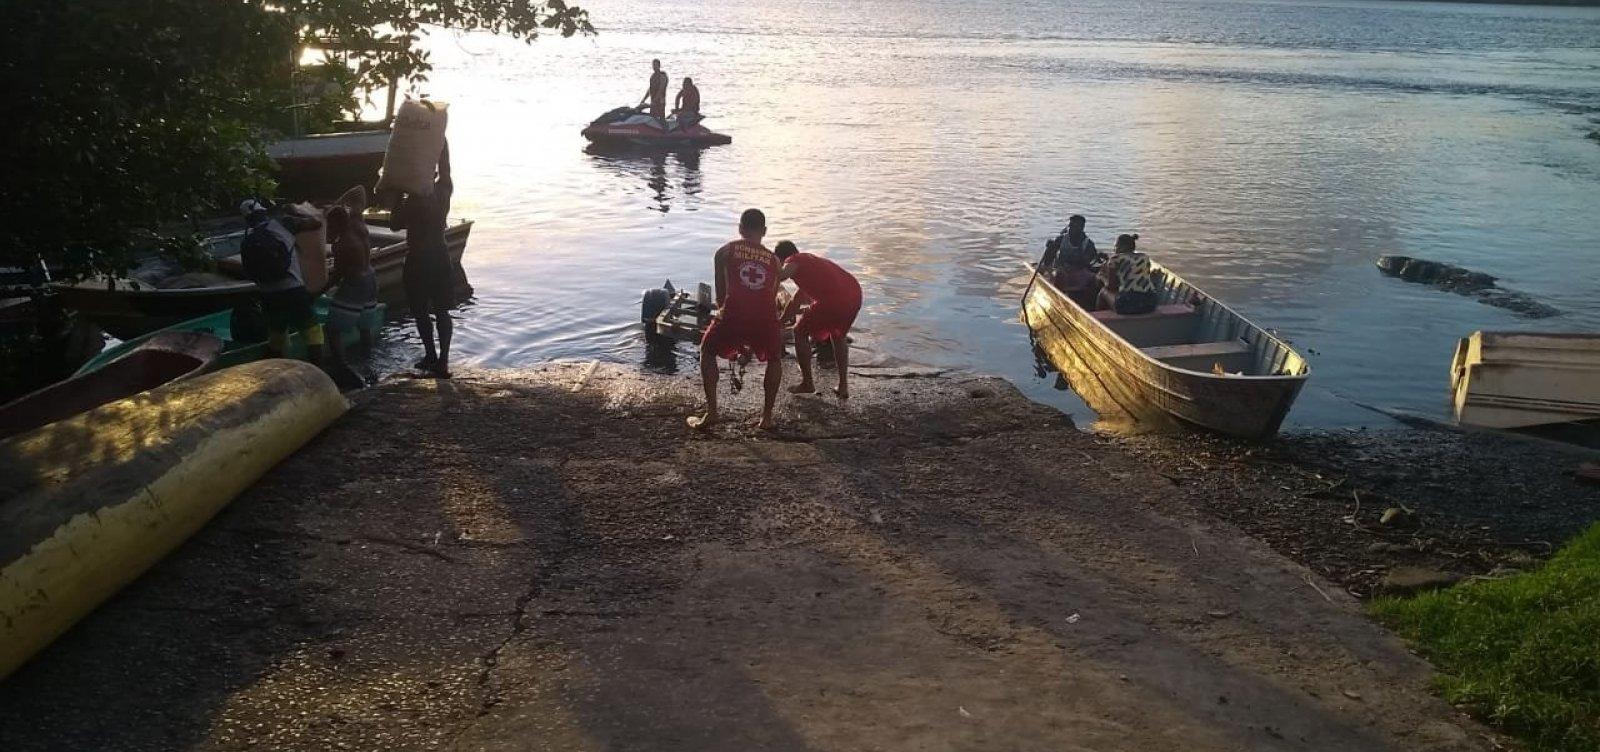 [Corpo é encontrado por mergulhadores do Corpo de Bombeiros em praia de Itacaré]